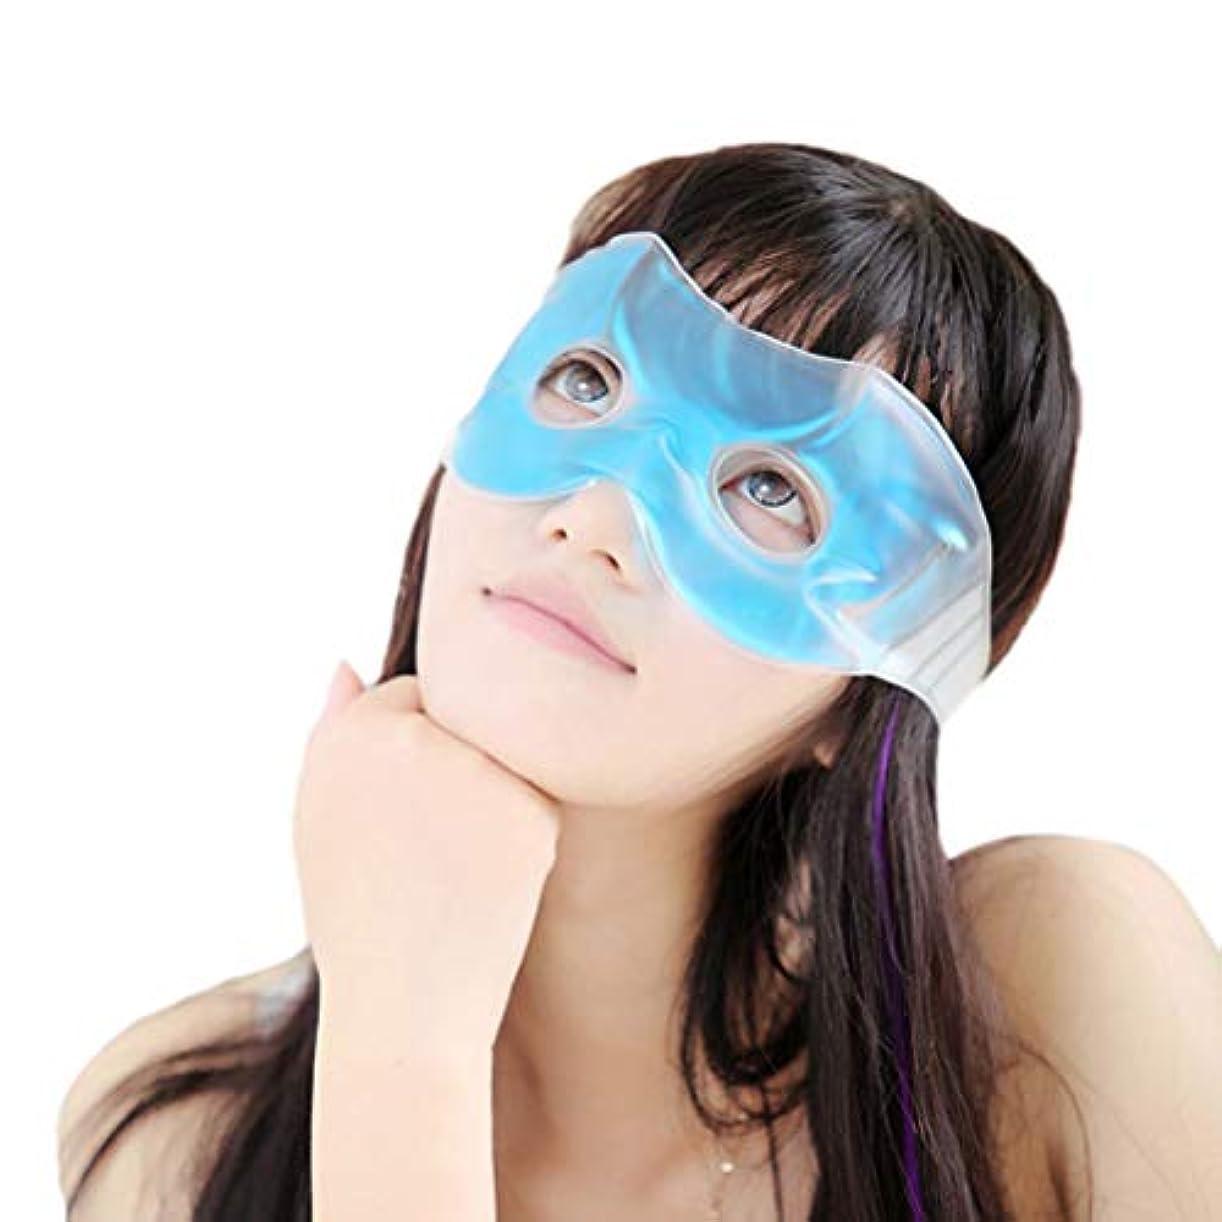 ベーコン雪だるま新着Healifty アイマスク ゲル アイスパッド アイスアイマスク 目隠し リラックス 冷却 パック 再使用可能 目の疲れ軽減 安眠 血行促進